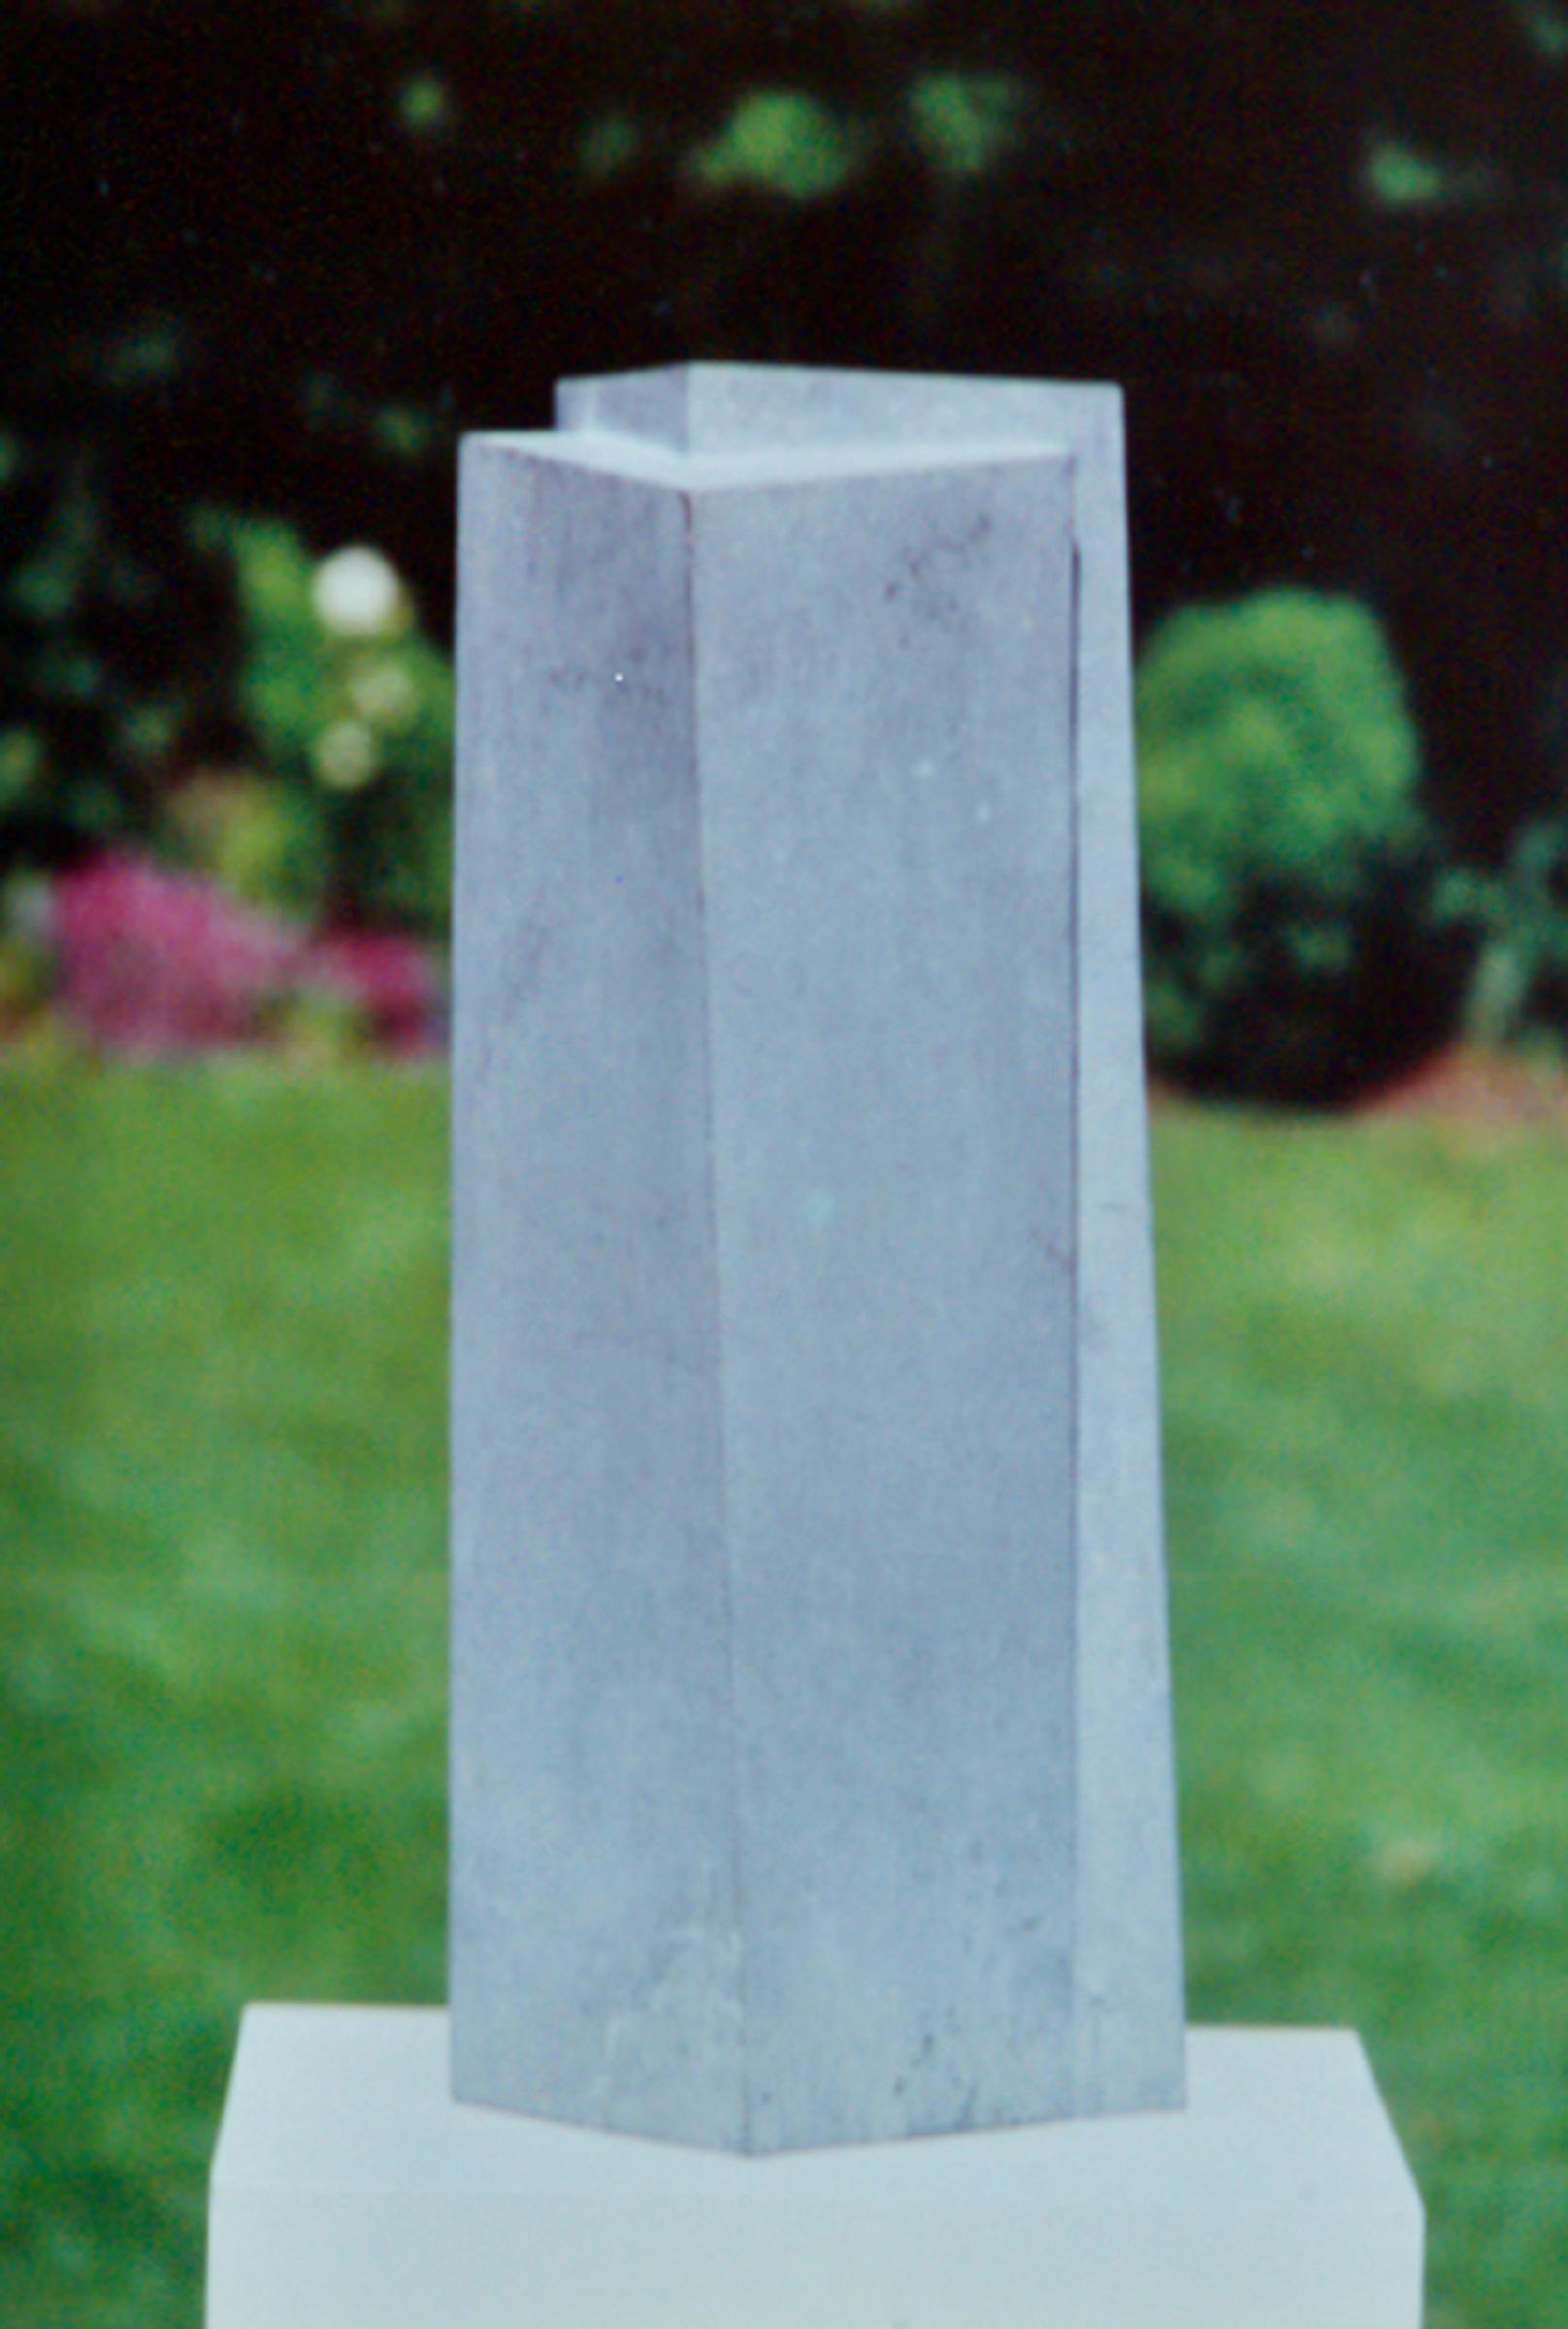 o.T. / Kalkstein / 60 x 27 x 21 cm